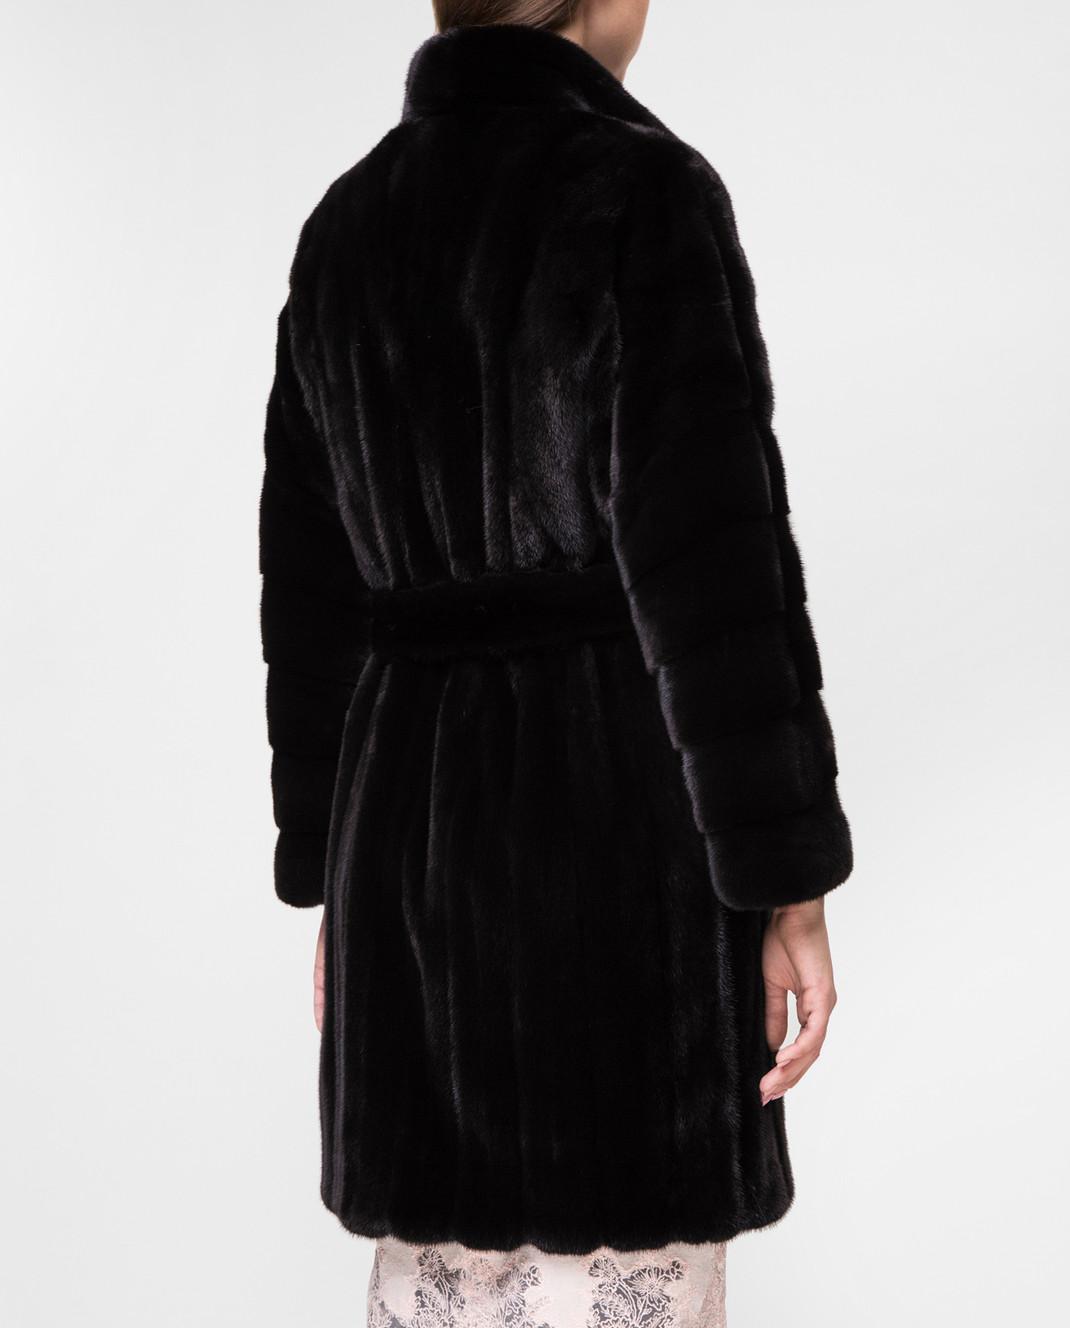 Real Furs House Черное меховое пальто TB5253842 изображение 4